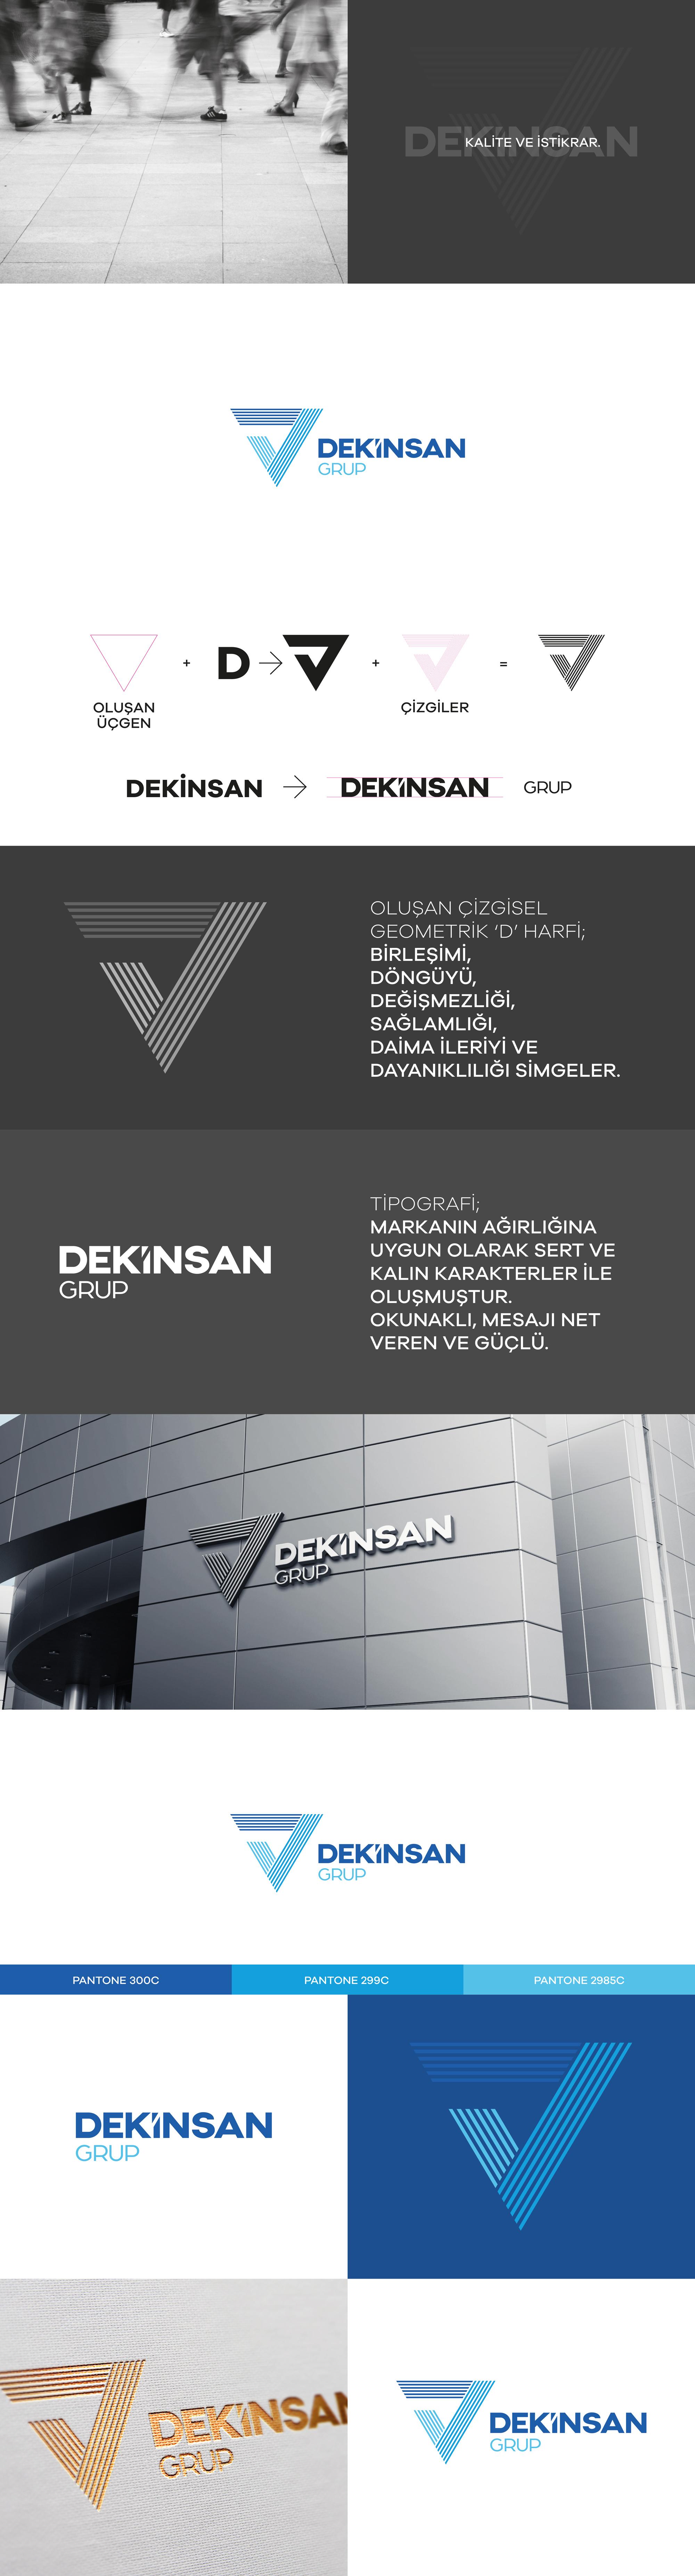 Ankara kurumsal kimlik tasarımı  Dekinsan